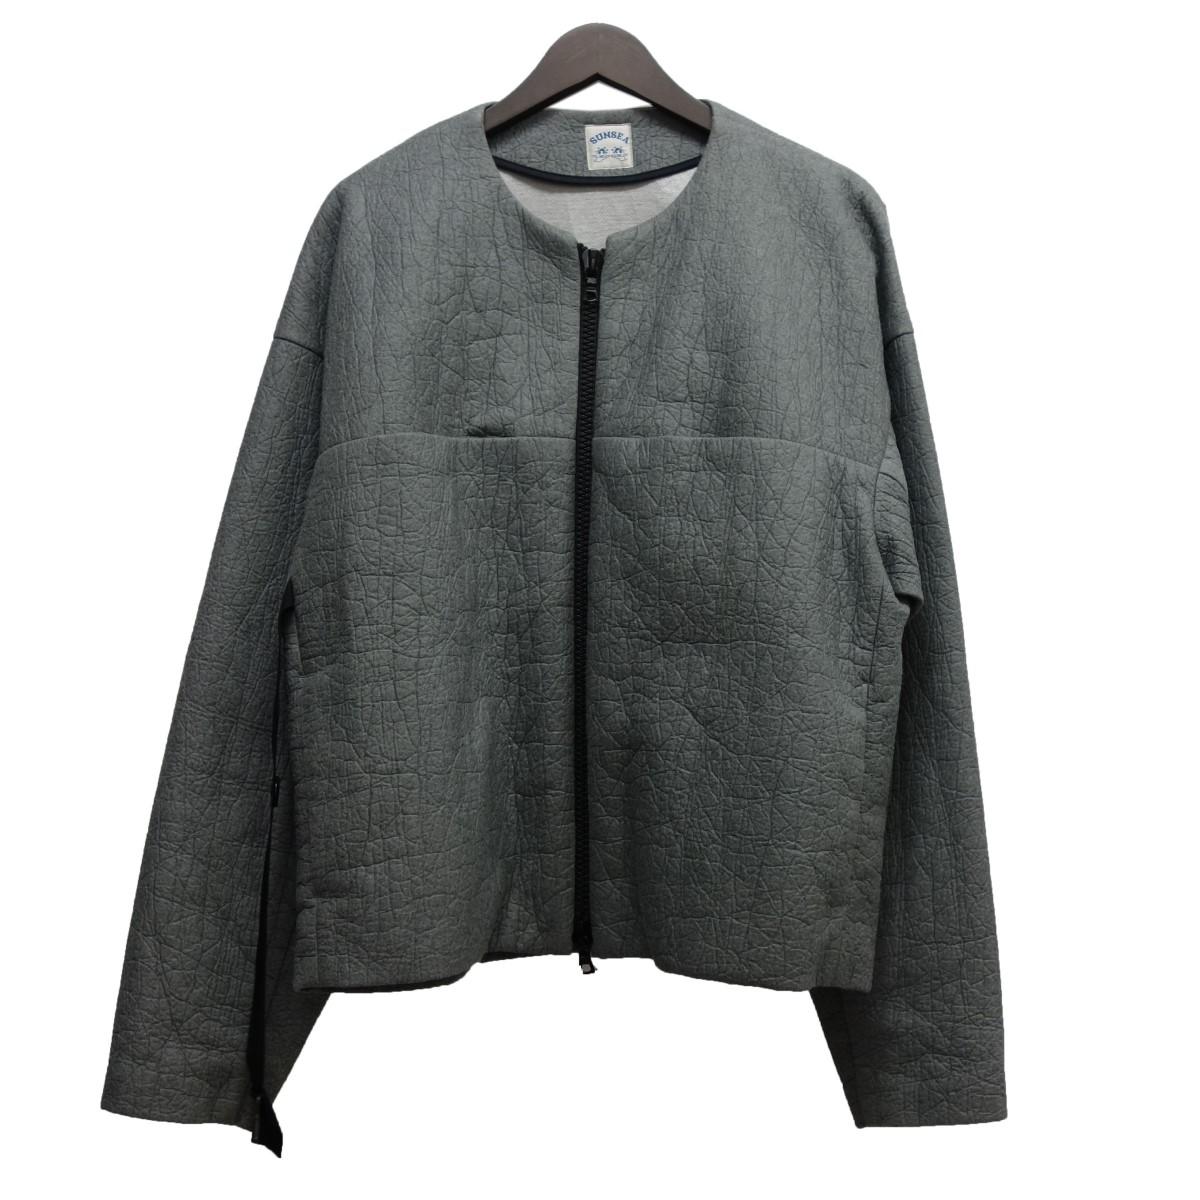 【中古】sunsea 19SS「ELEPHANT BLOUSON」ノーカラージャケット グレー サイズ:3 【280320】(サンシー)